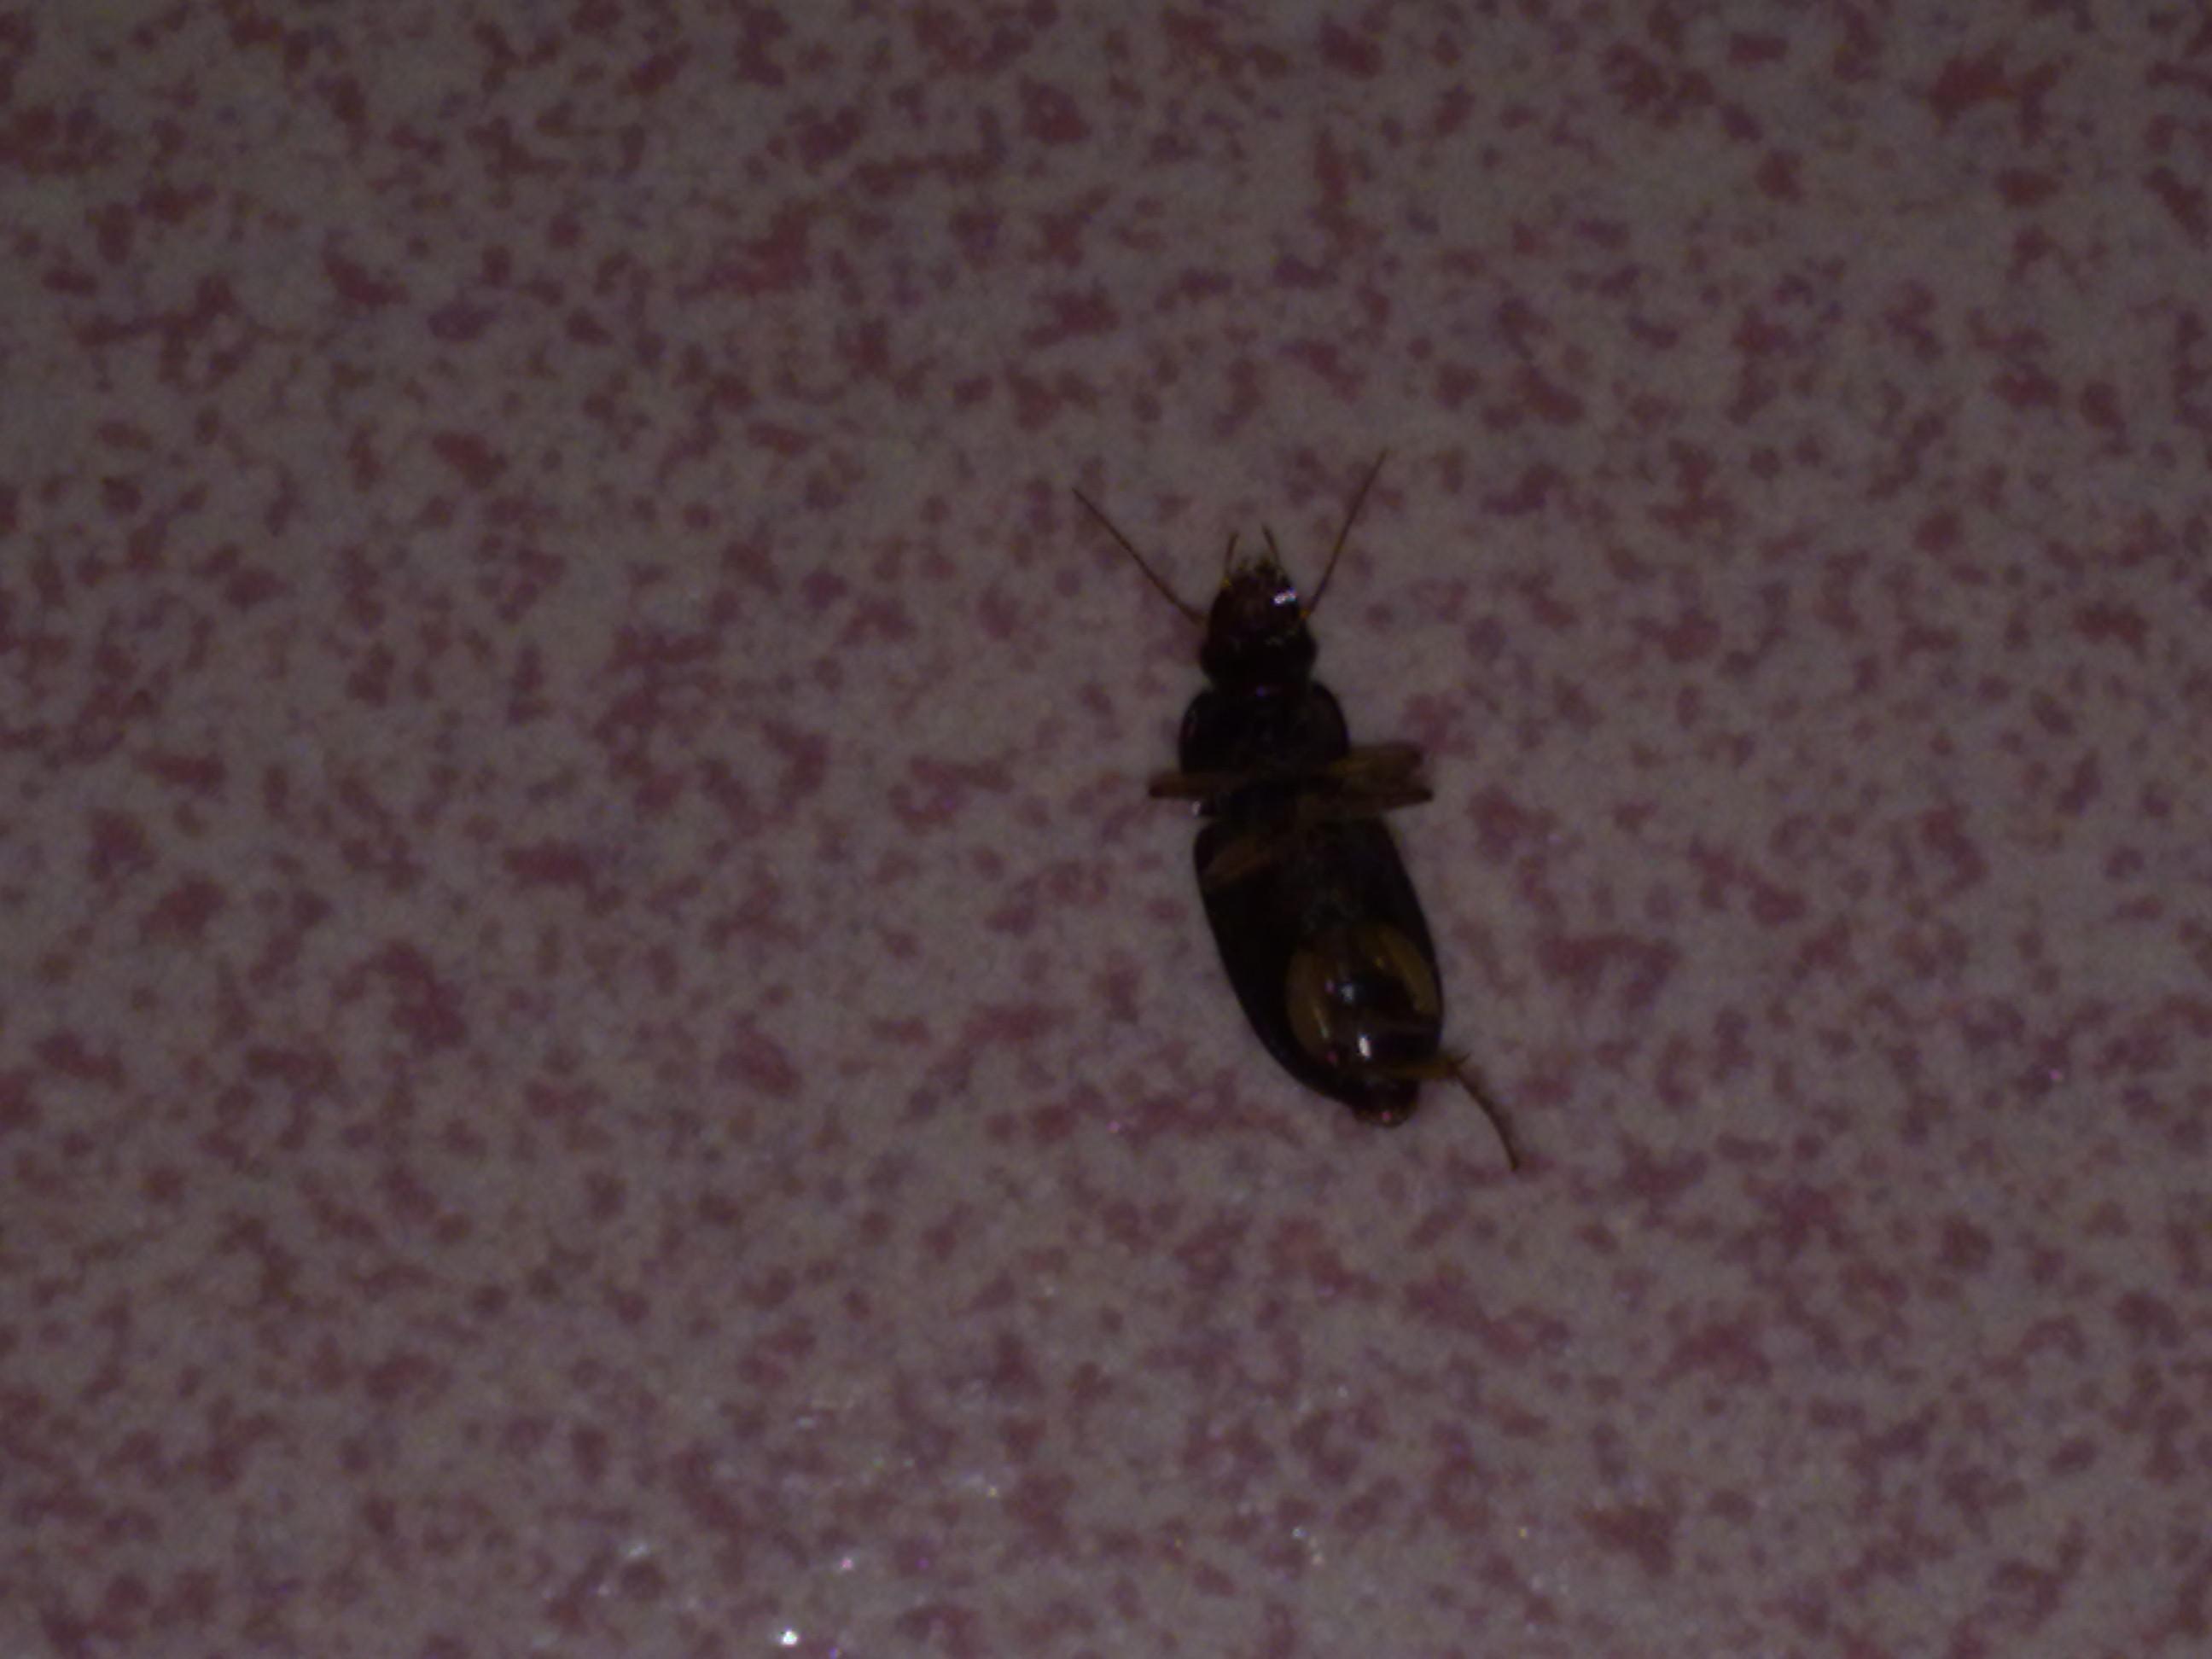 无虫木丰_夏天会飞的硬壳虫,1cm左右,貌似蟑螂,有趋光性.